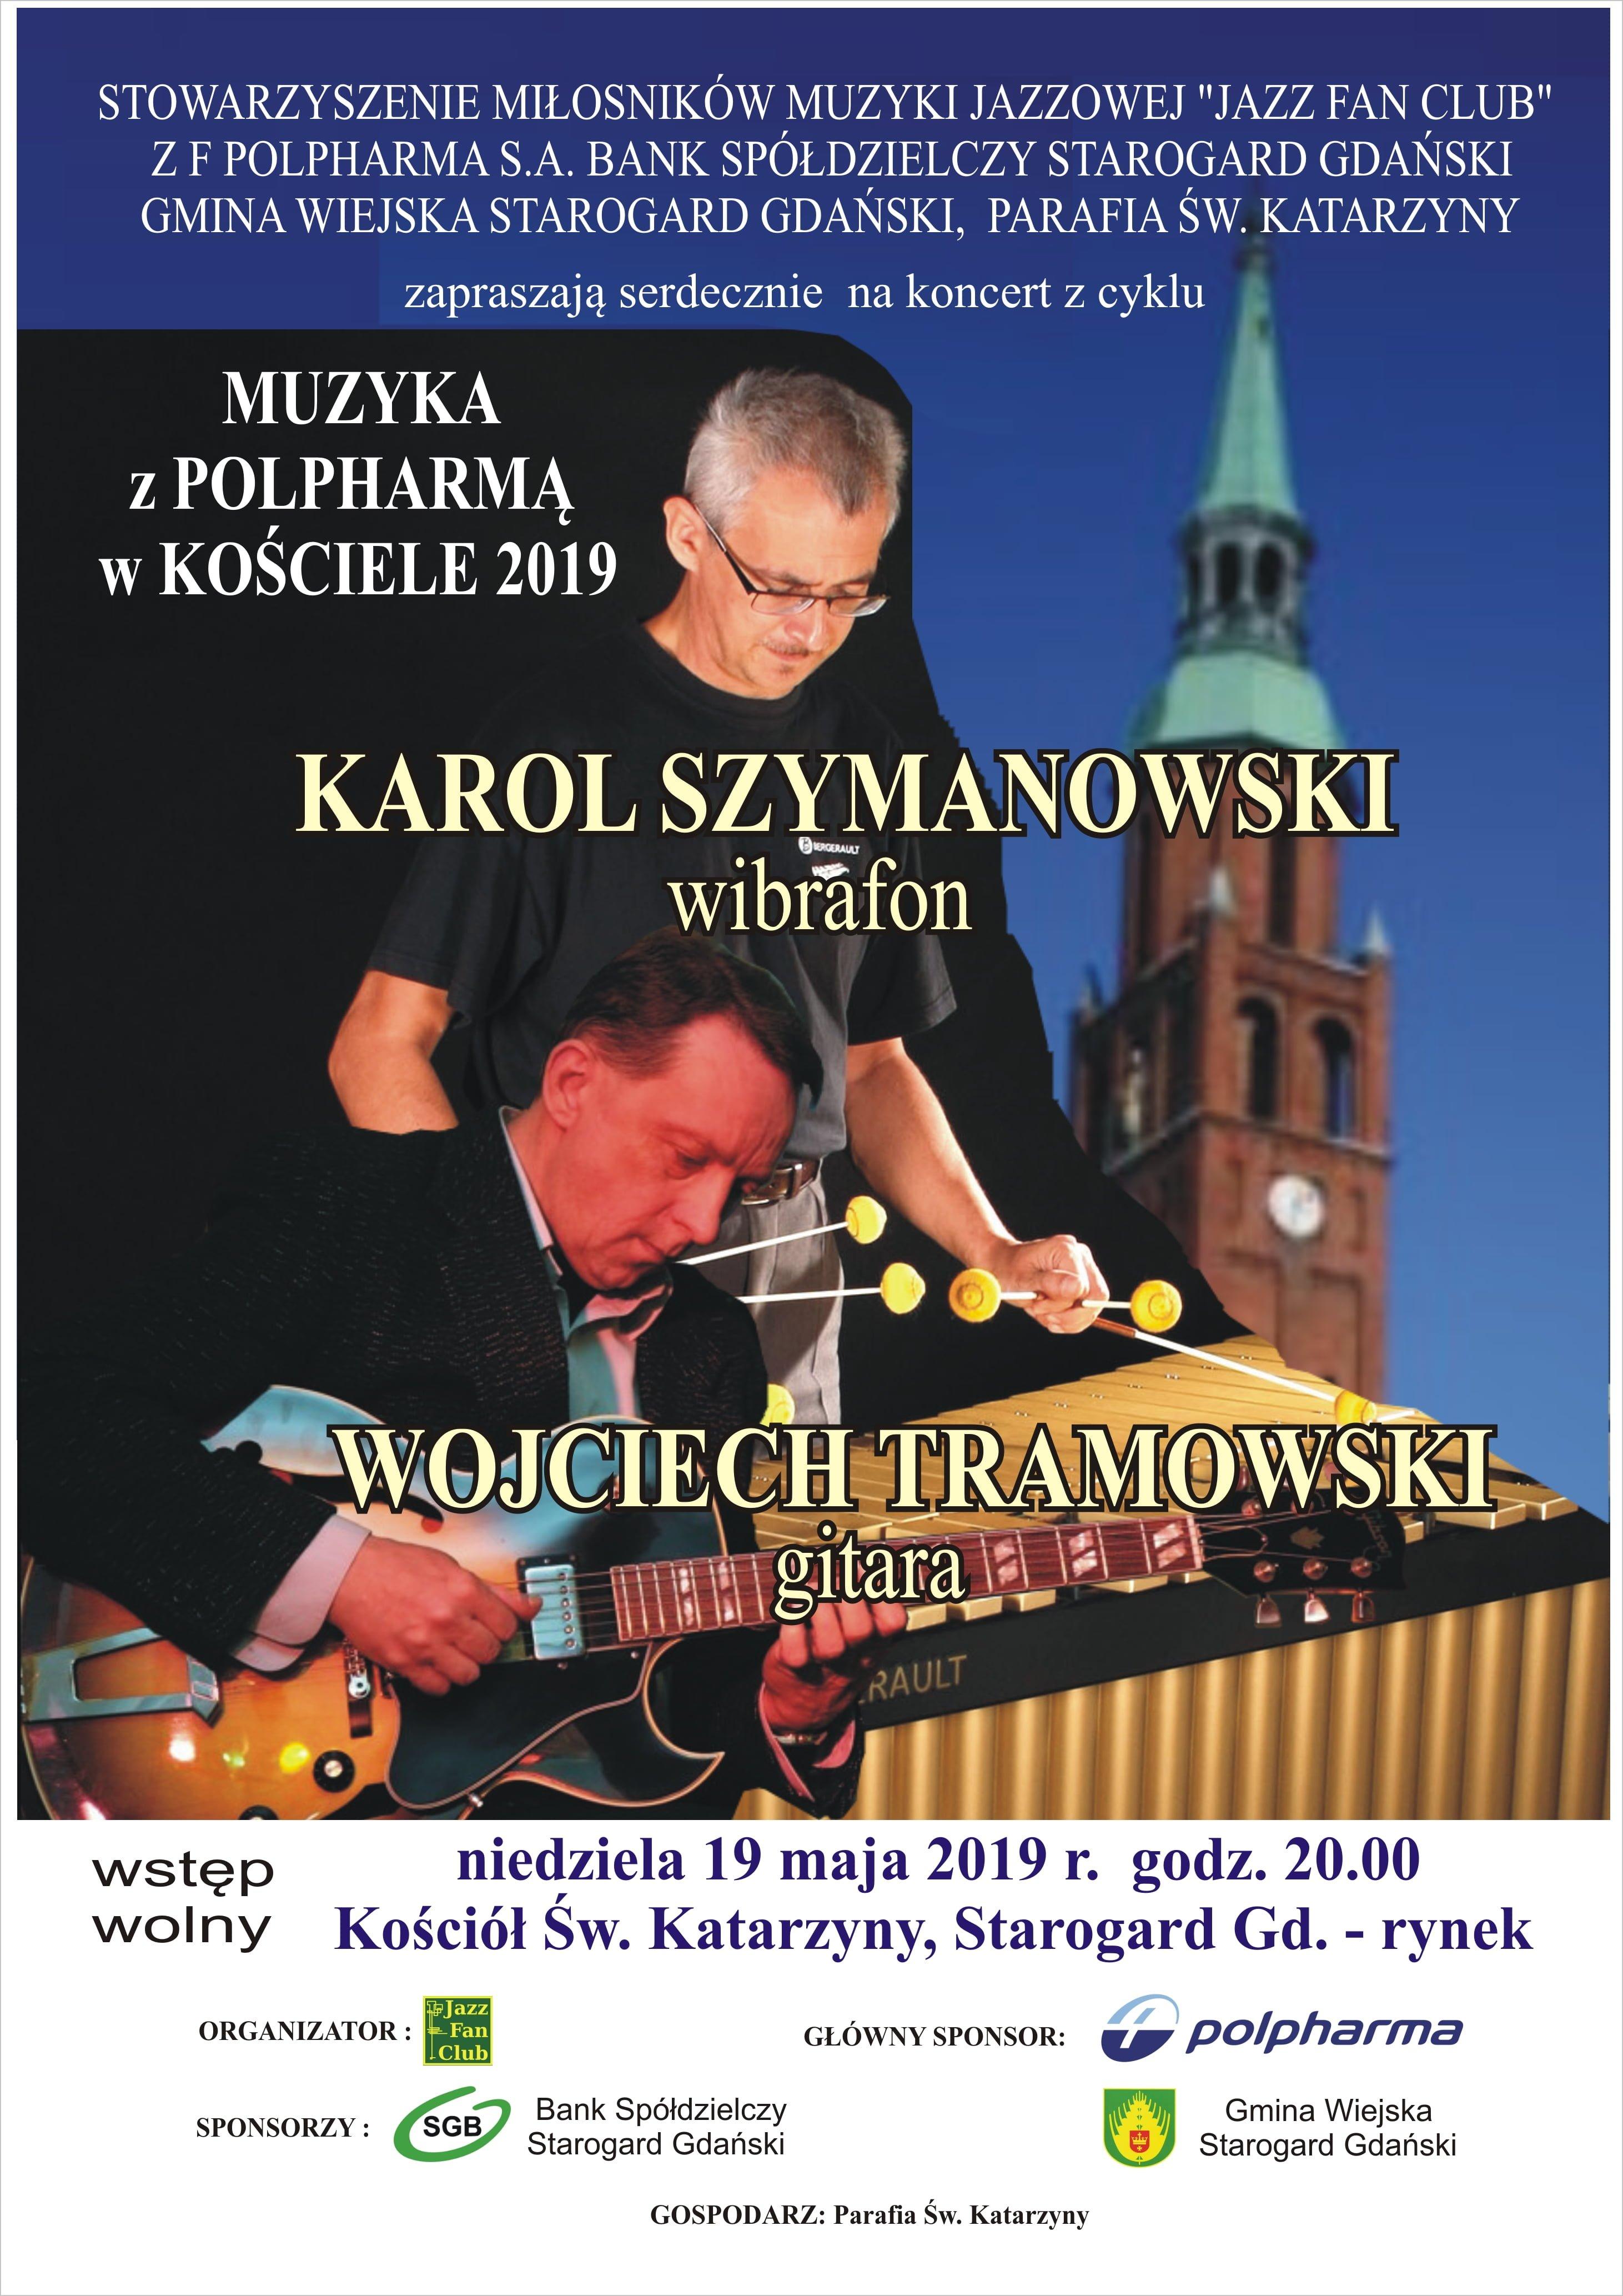 Wirtuoz gry na wibrafonie sześcioma pałkami w starogardzkim kościele św.Katarzyny!!!